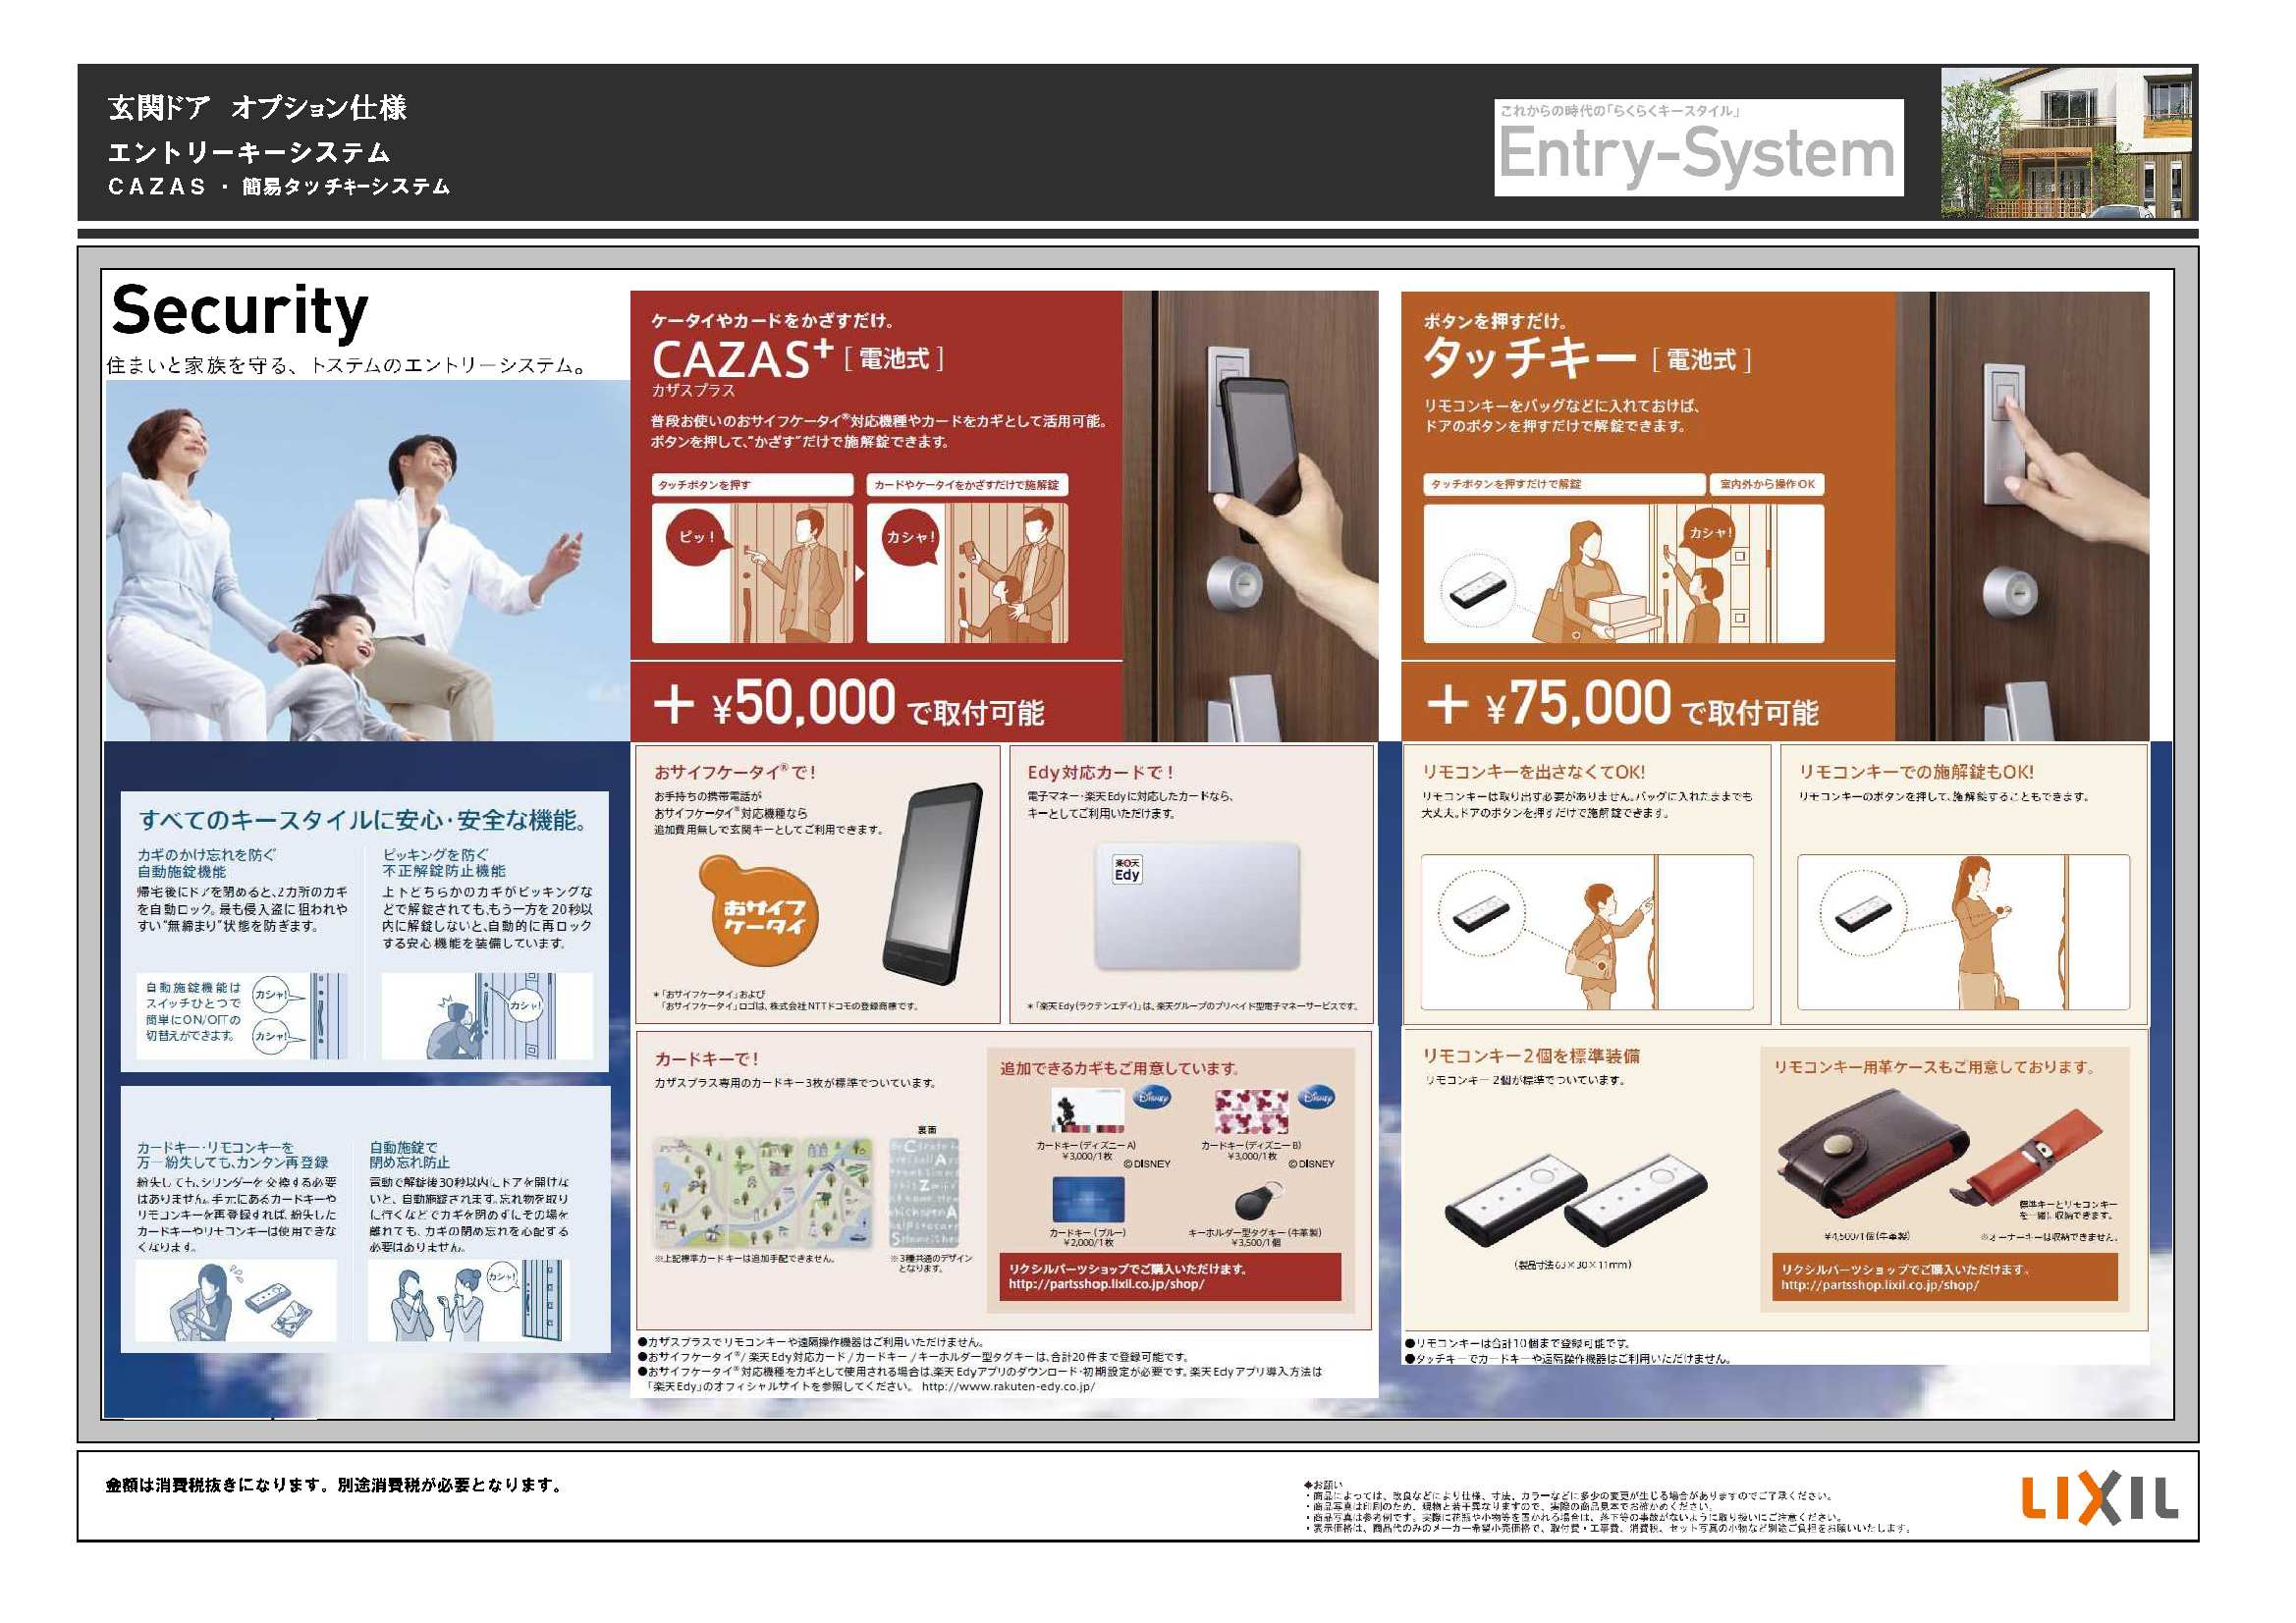 片木反毛株式会社2015標準仕様書-06